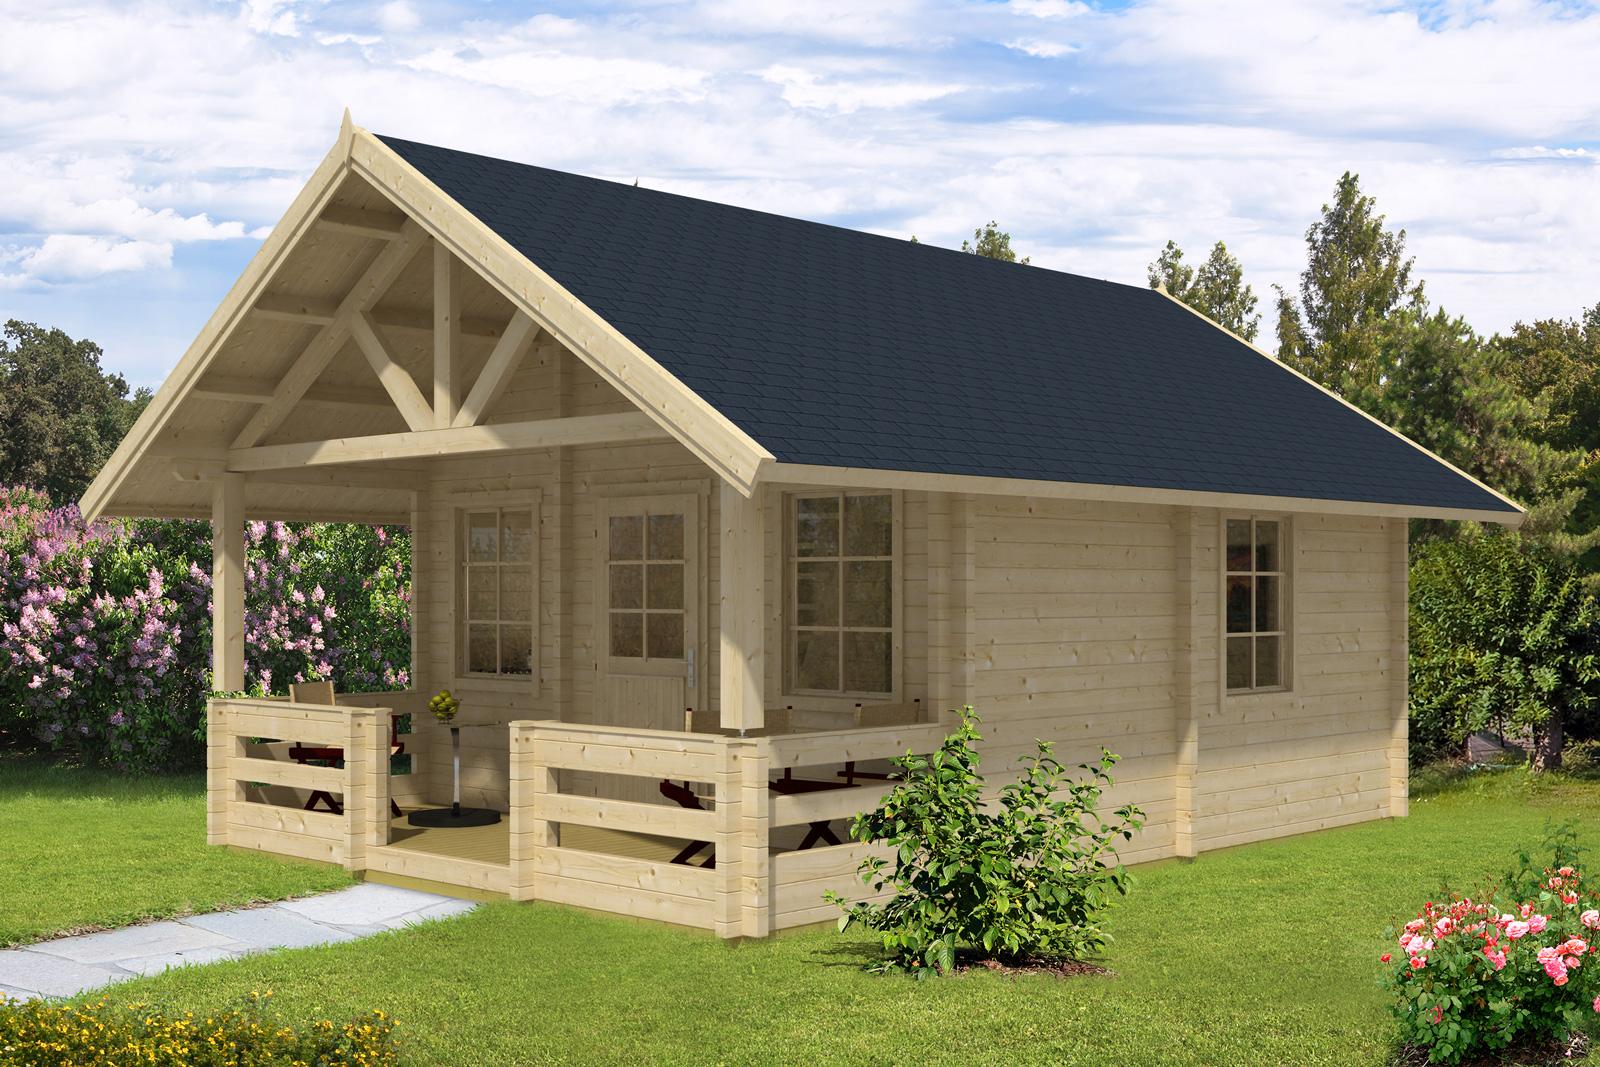 garten und freizeithaus lillehammer 70 iso garten und. Black Bedroom Furniture Sets. Home Design Ideas